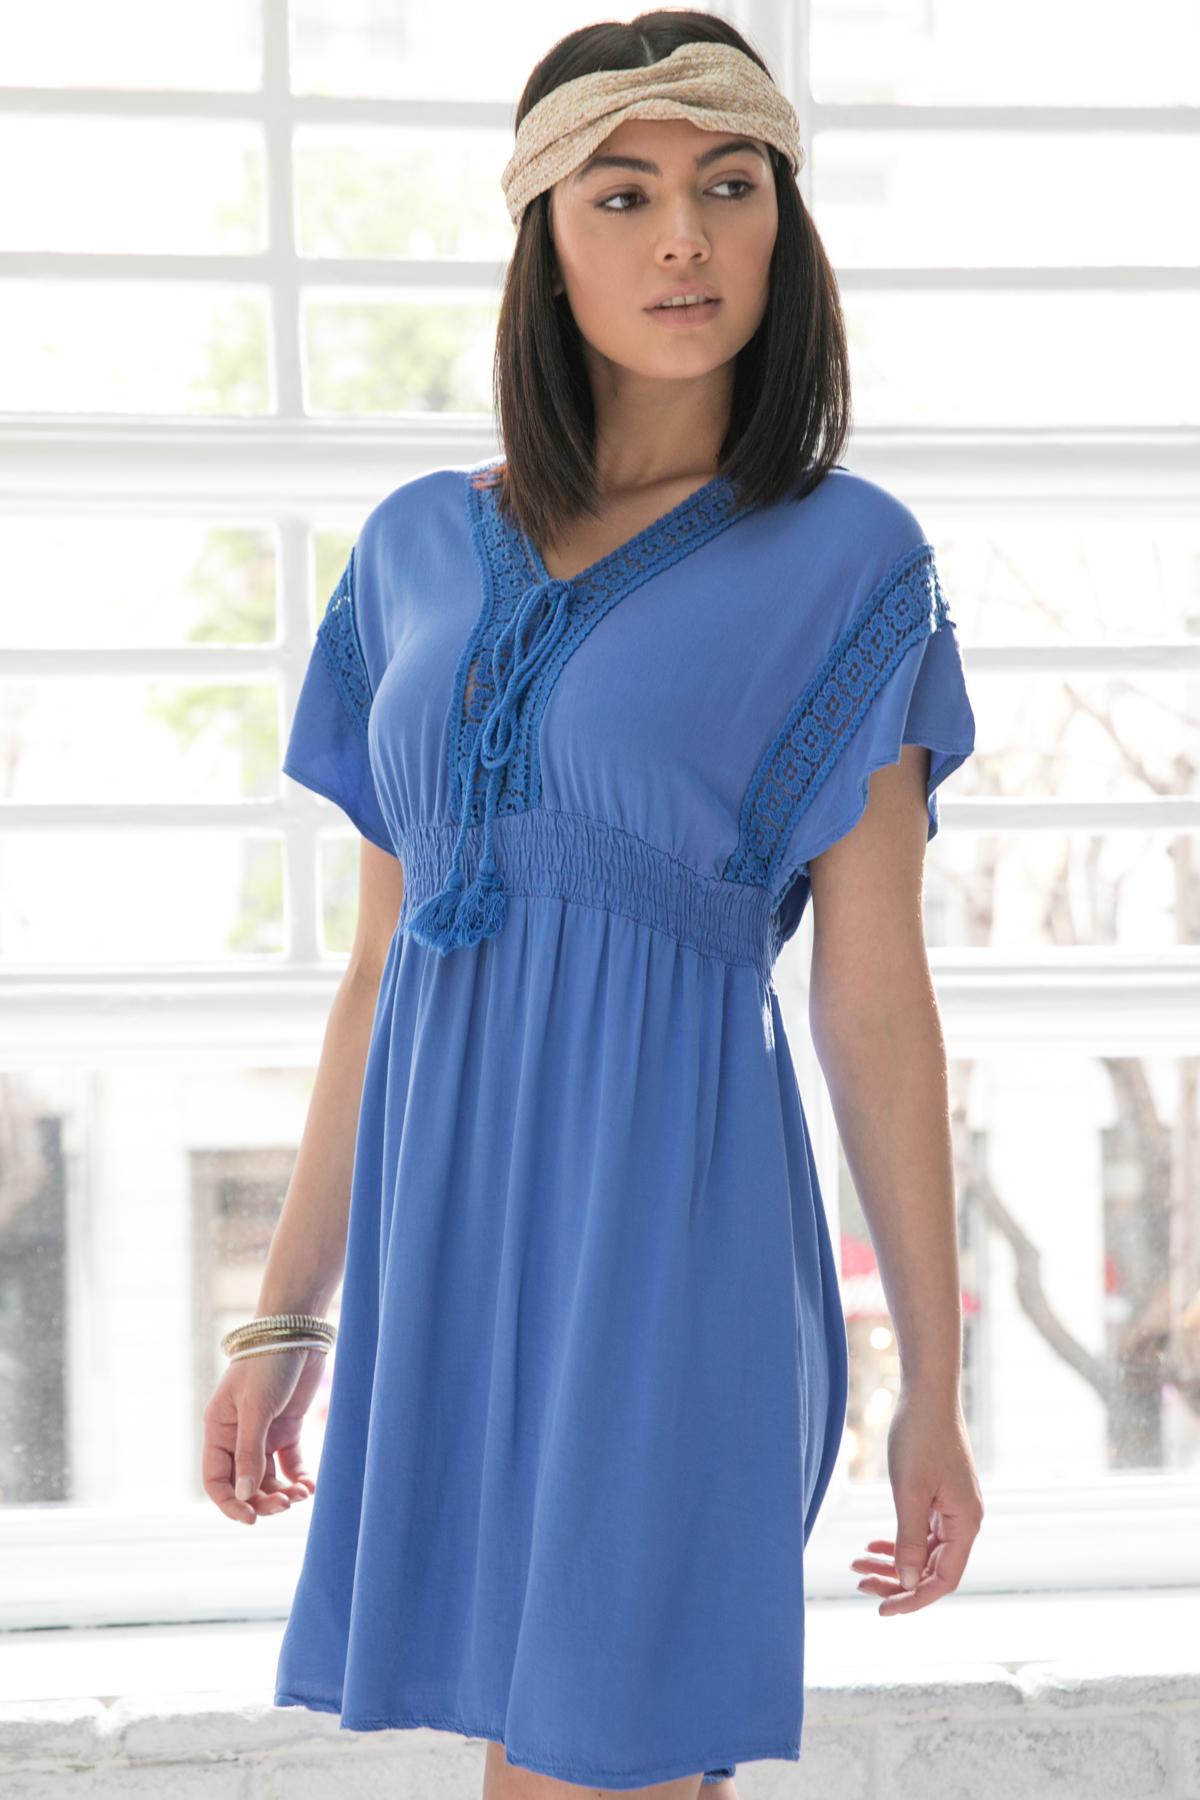 71d6684b3a25 Φόρεμα μπλε ρουά με δαντέλα